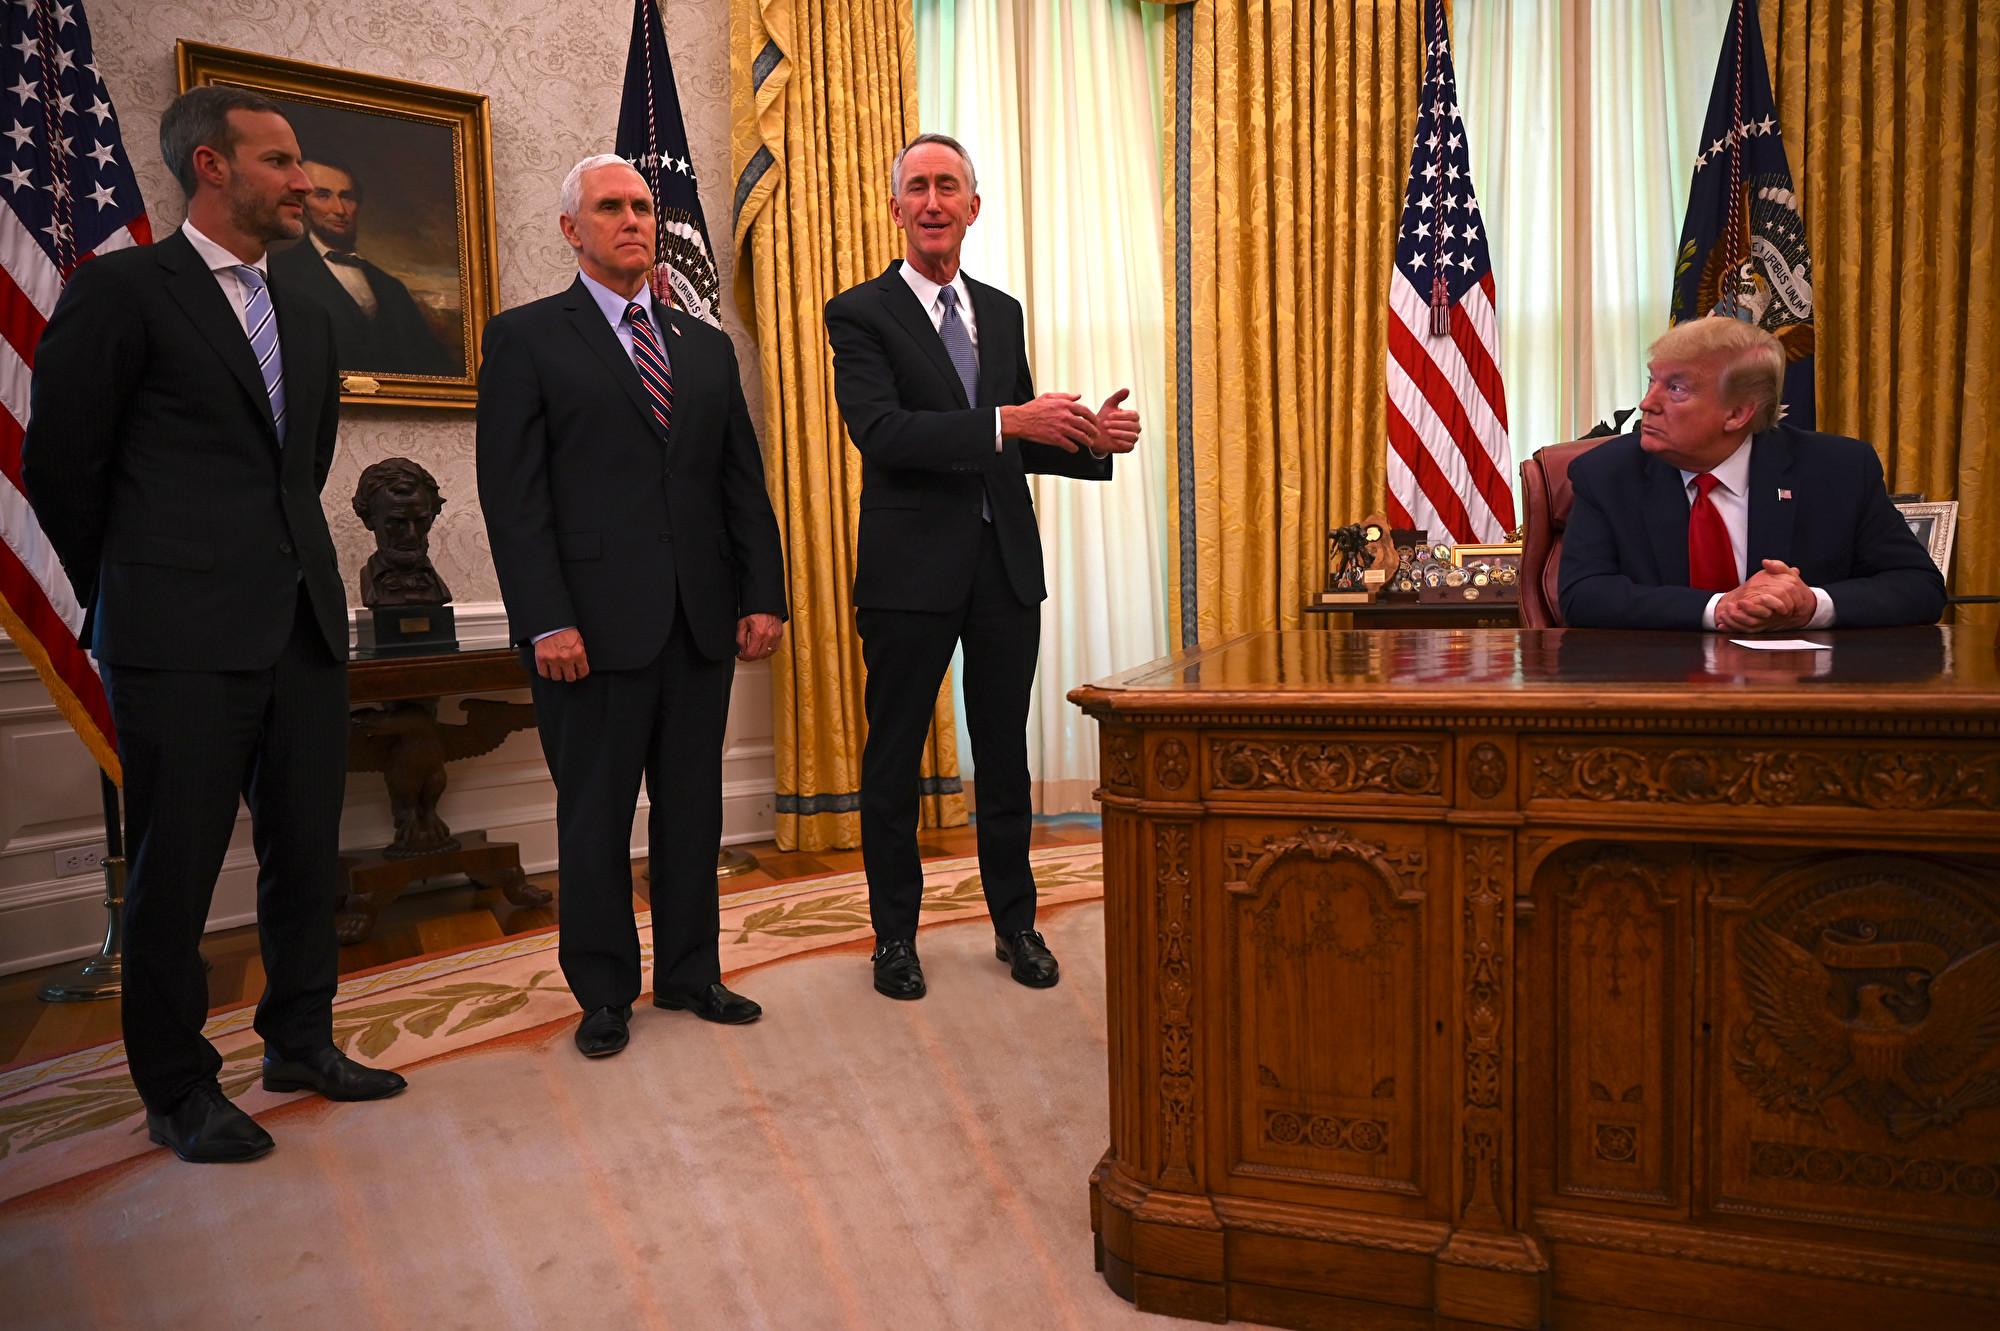 5月1日,美國總統特朗普(圖右)宣佈,FDA已批准了吉利德公司生產的瑞德西韋藥(Remdesivir)。圖右二在對記者說話者為吉利德CEO奧戴先生。(JIM WATSON/AFP)